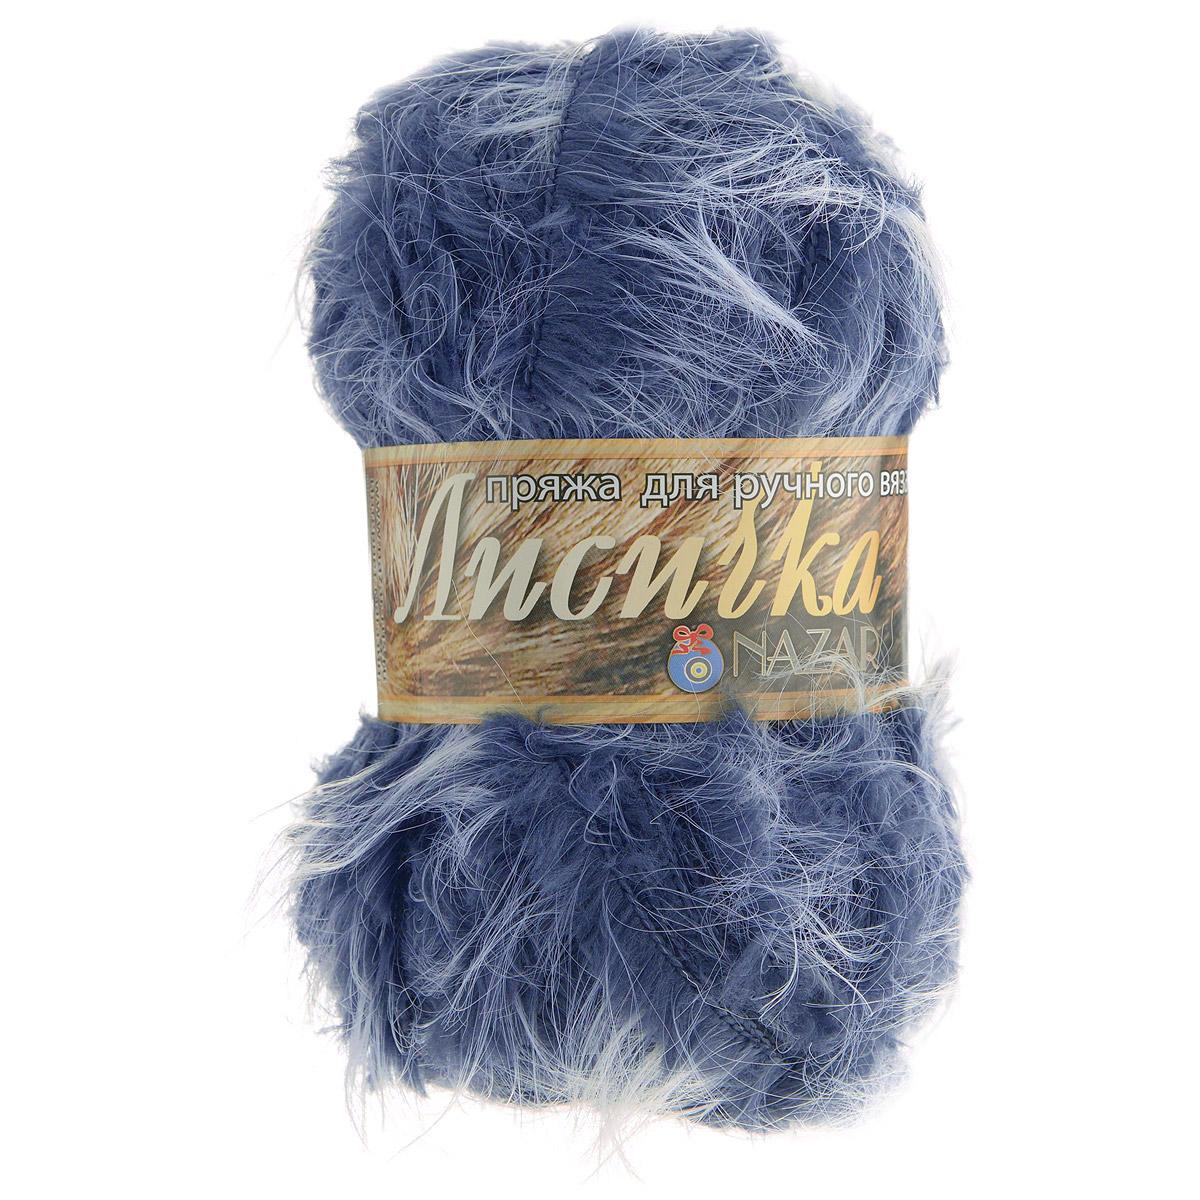 Пряжа для вязания Nazar Лисичка, цвет: синий (006), 100 г, 90 м, 5 шт688122_006